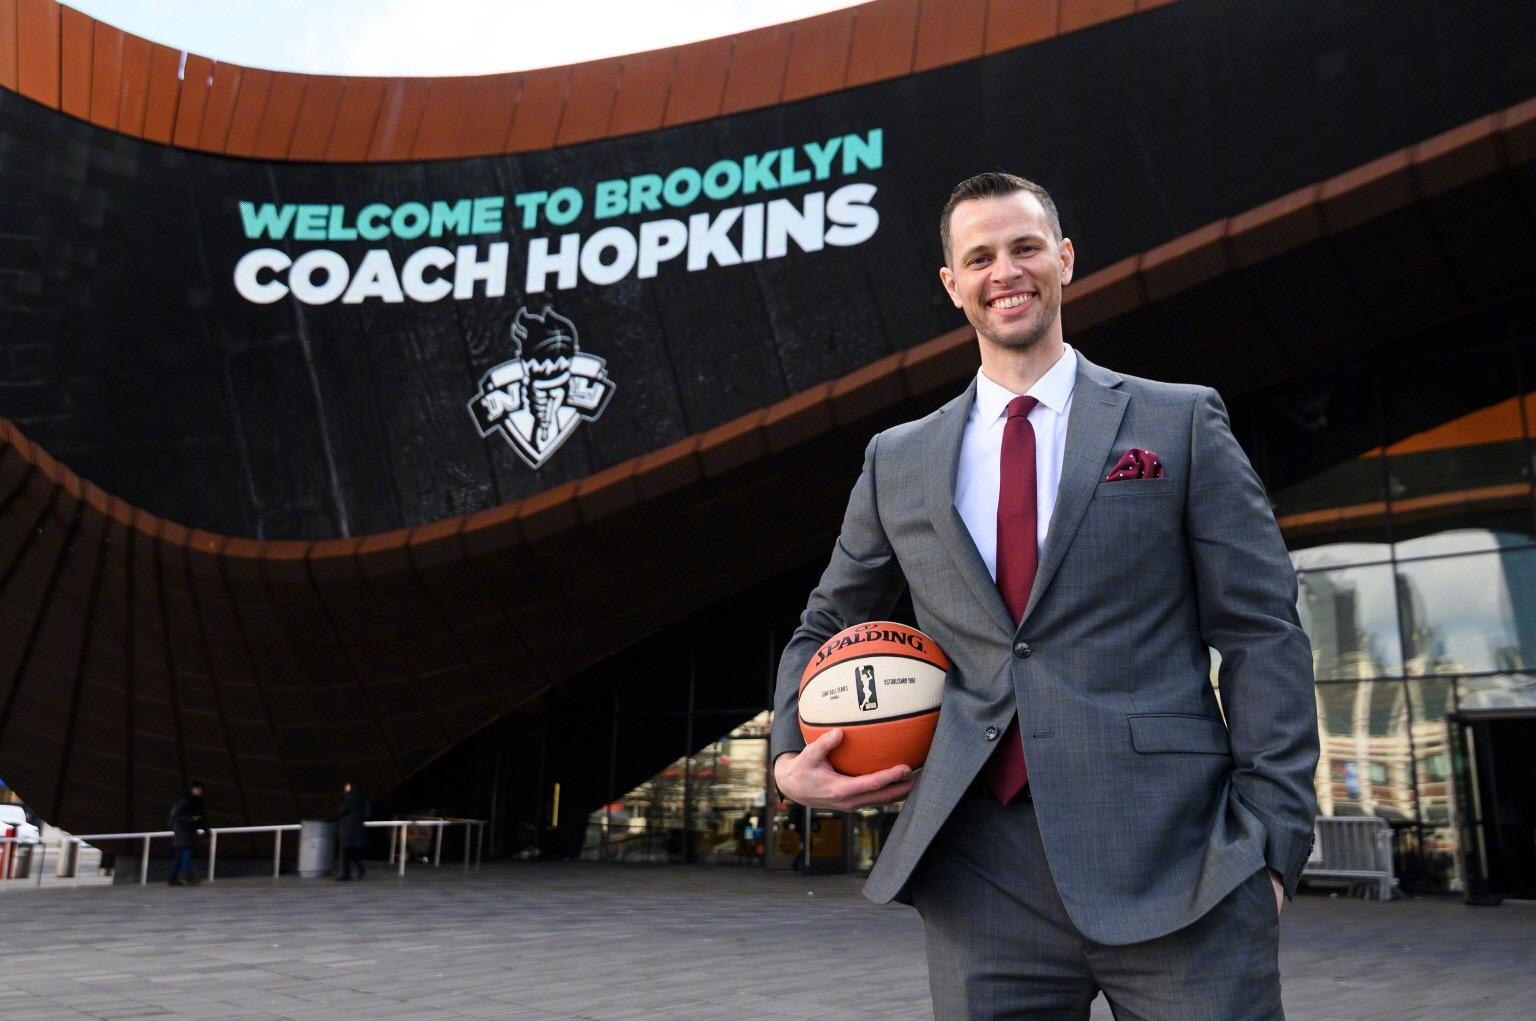 我们WNBA纽约自由人的小姐姐们迎来新教练~欢迎沃尔特-霍普金斯总教